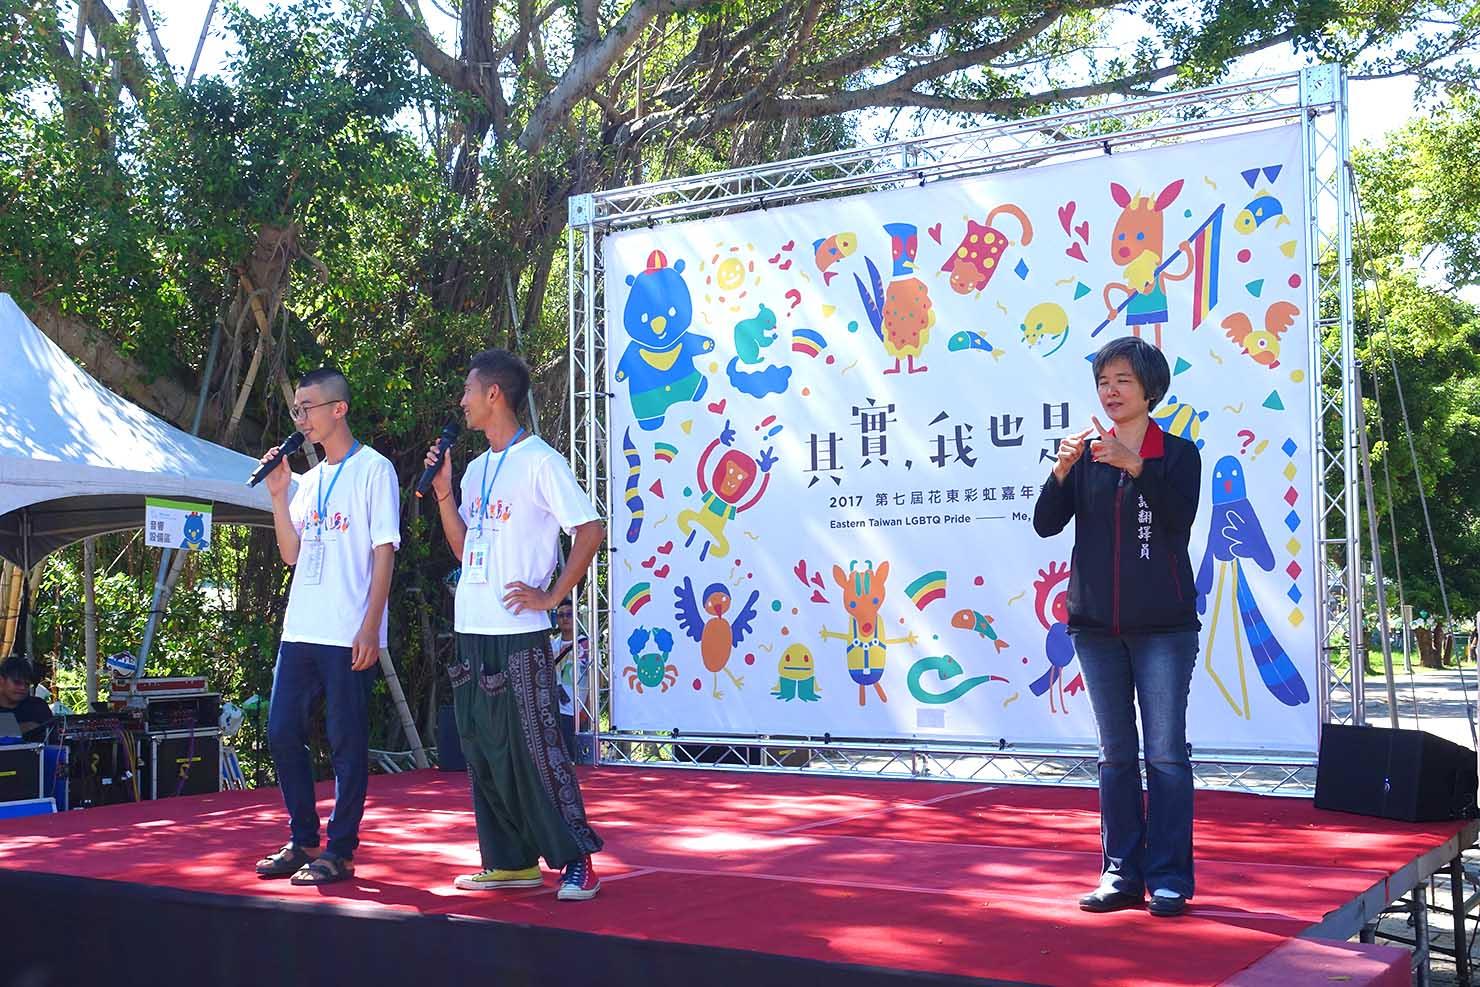 台湾東部のLGBTプライド「花東彩虹嘉年華」台東会場のステージで始まる開幕スピーチ